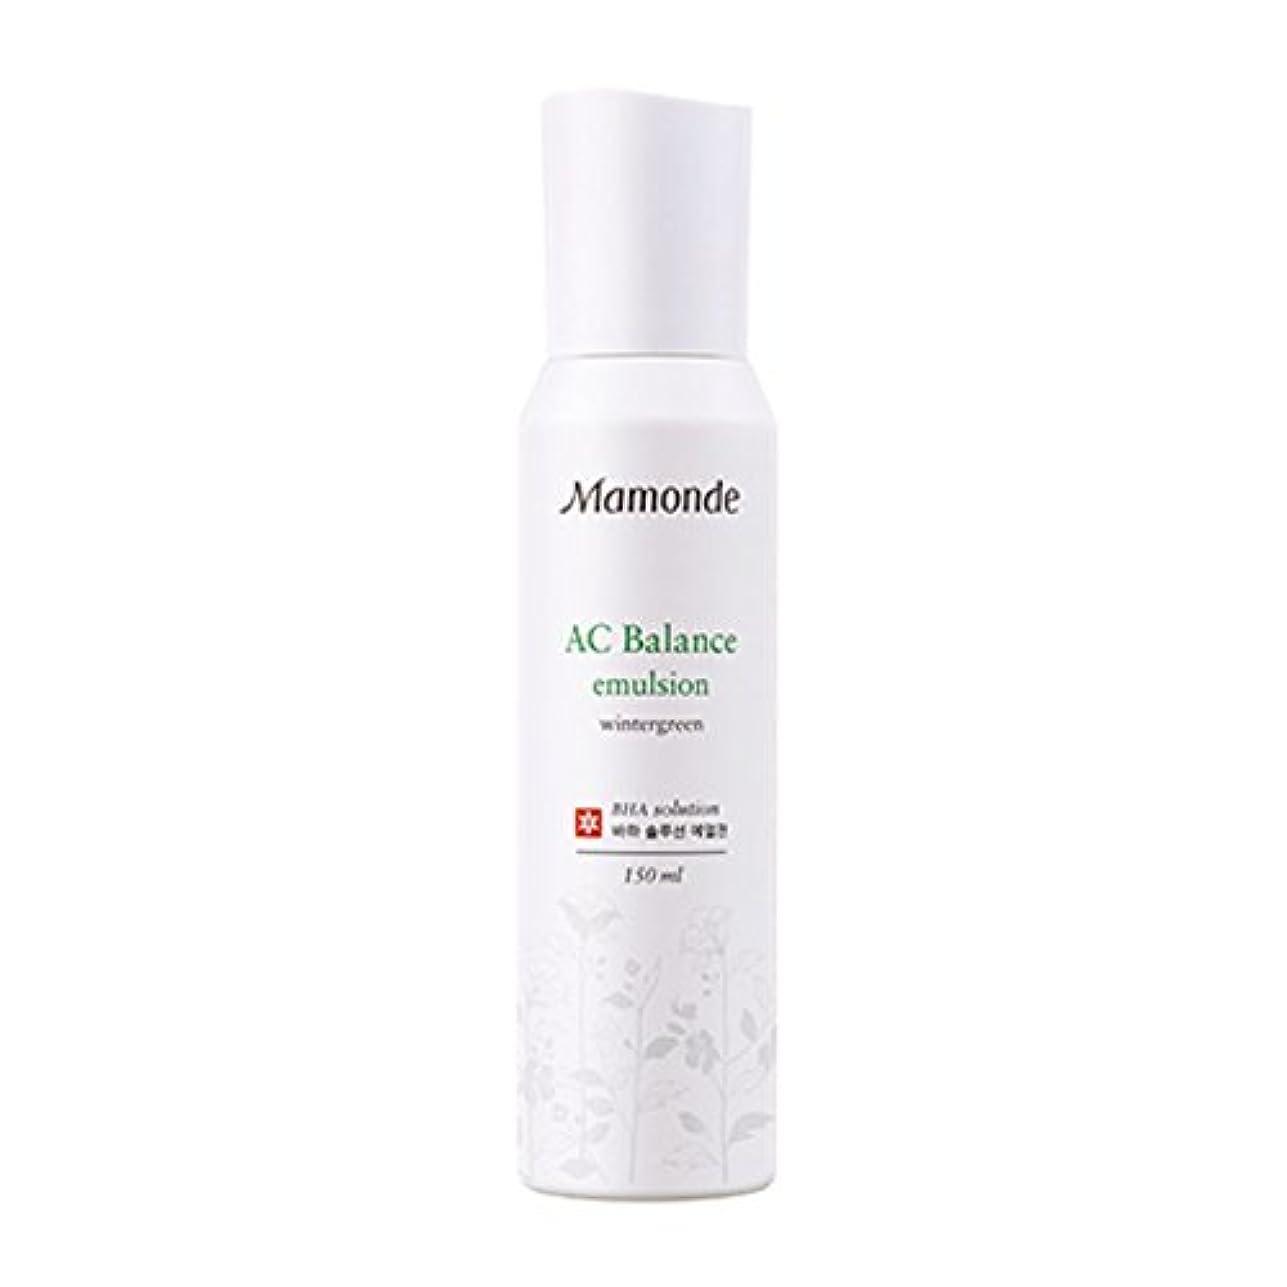 統治するむき出し従事する[New] Mamonde AC Balance Emulsion 150ml/マモンド AC バランス エマルジョン 150ml [並行輸入品]